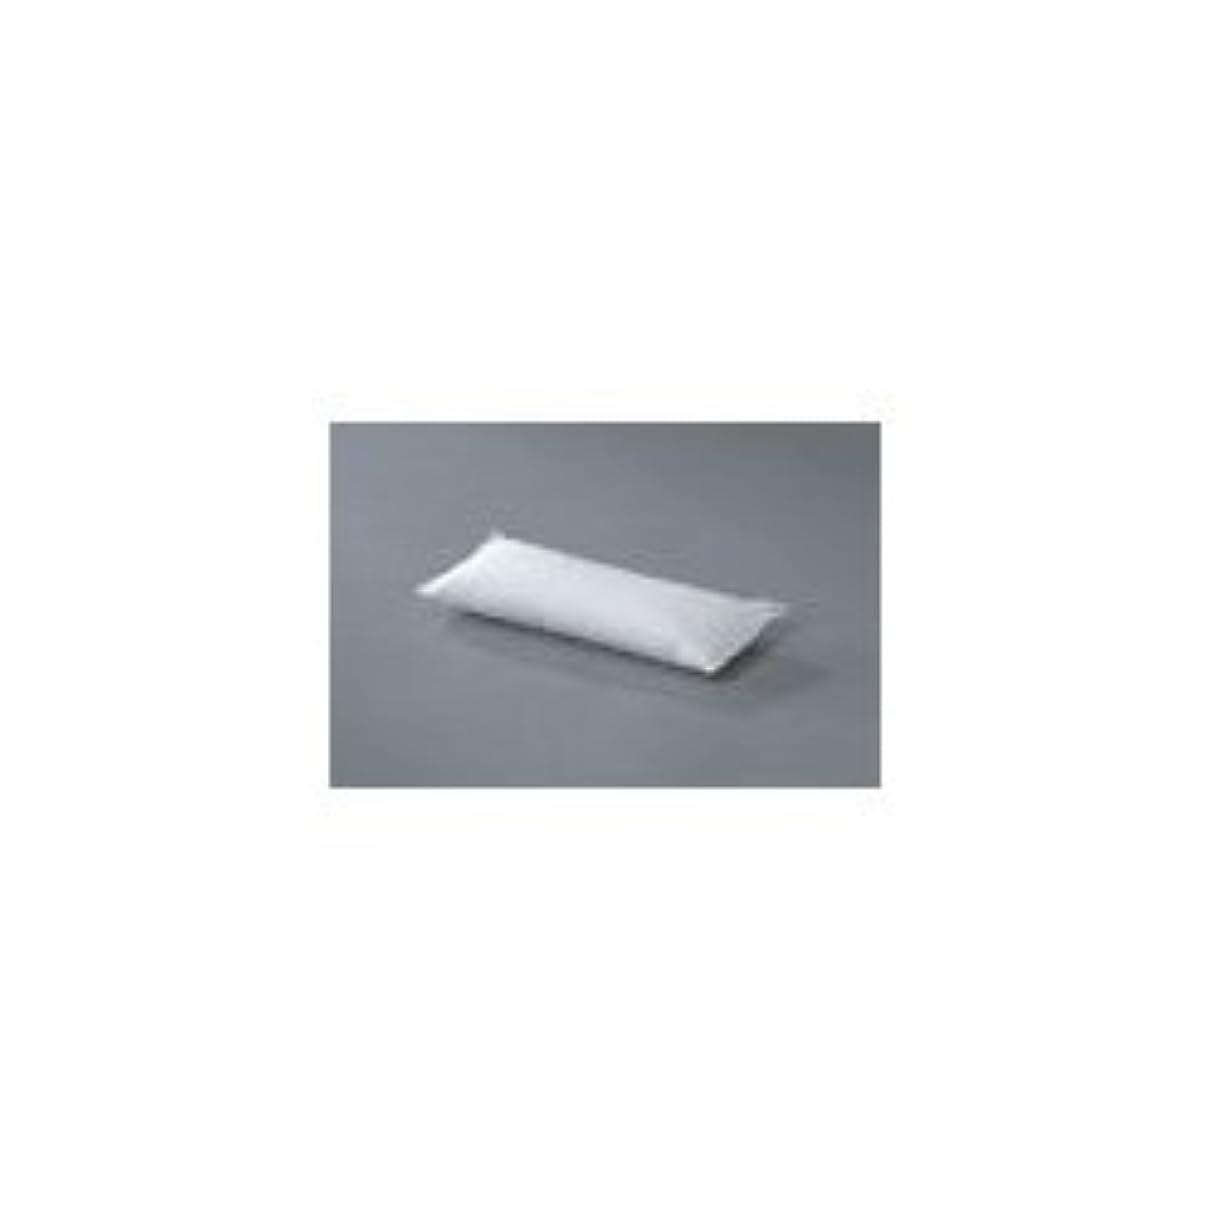 能力退化する恨みジャノメ 24時間風呂 クリーンバスユニット専用電解促進剤 CLパック 7袋 (クリーンパック)